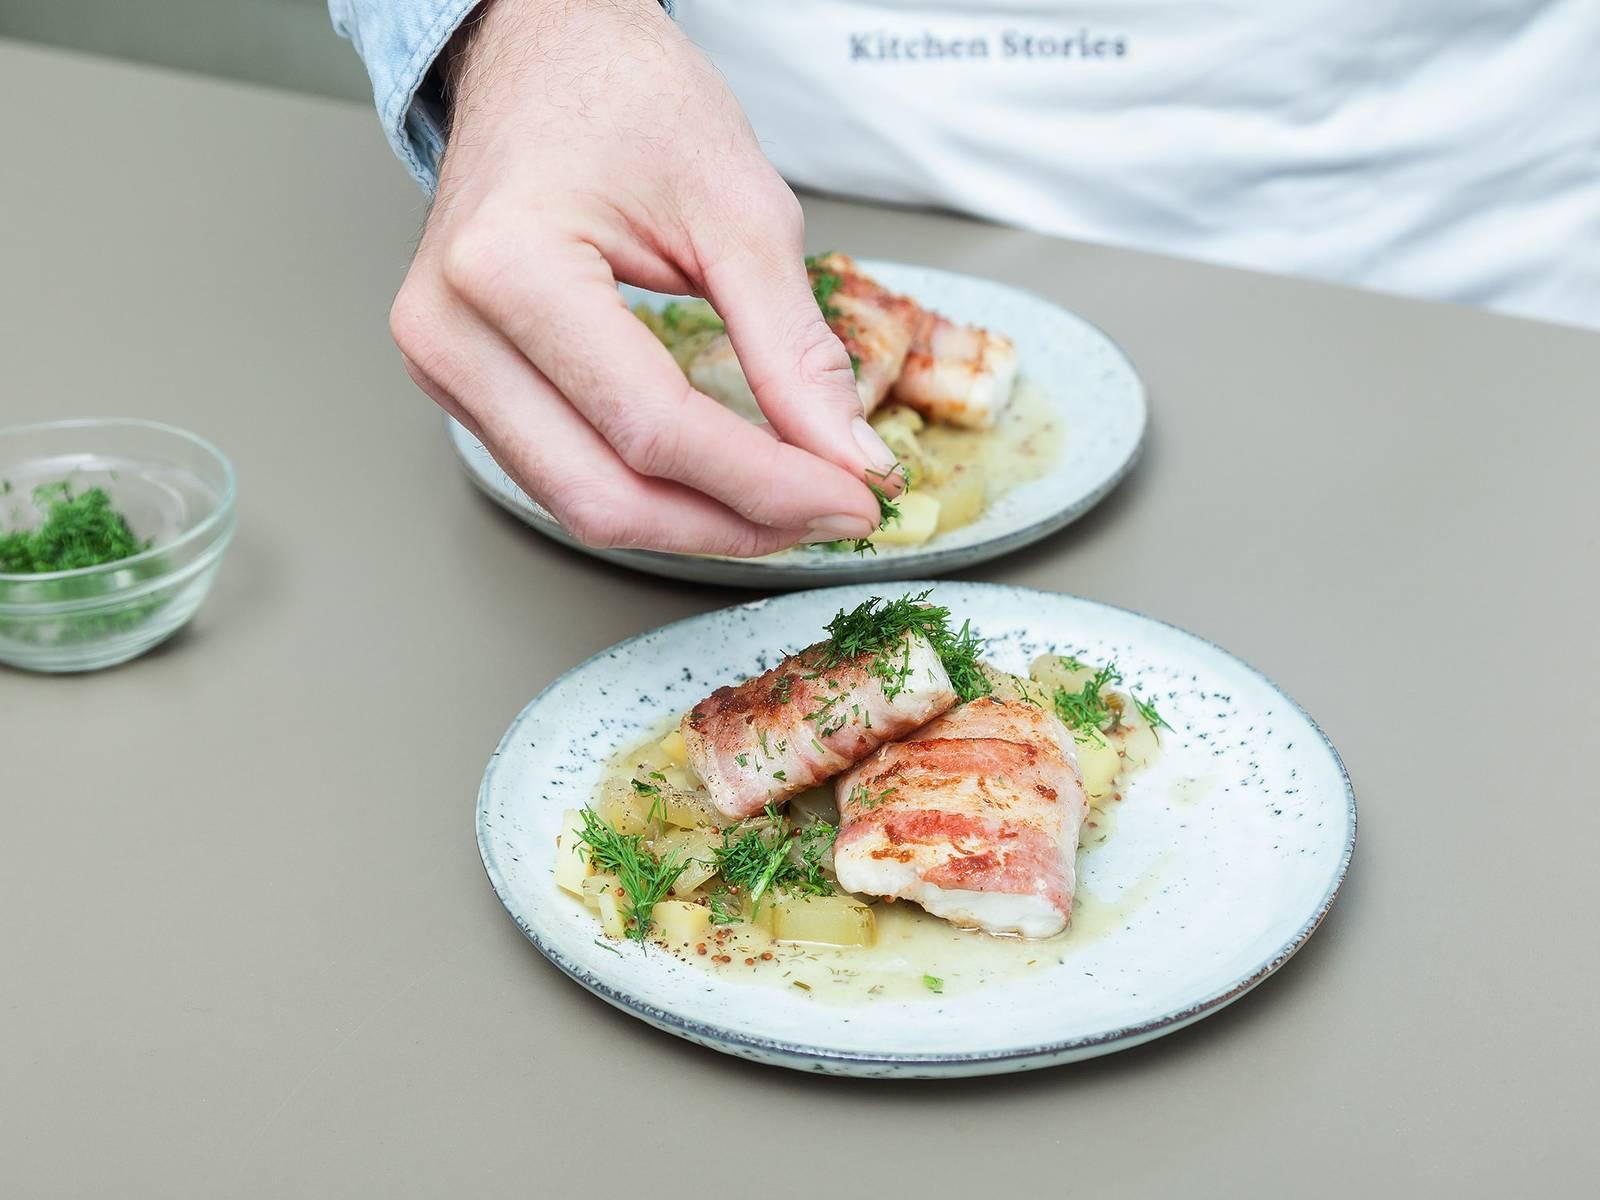 将梭鲈鱼排放到土豆炖黄瓜上,撒盐与胡椒调味,饰以剩余的莳萝。尽情享用吧!